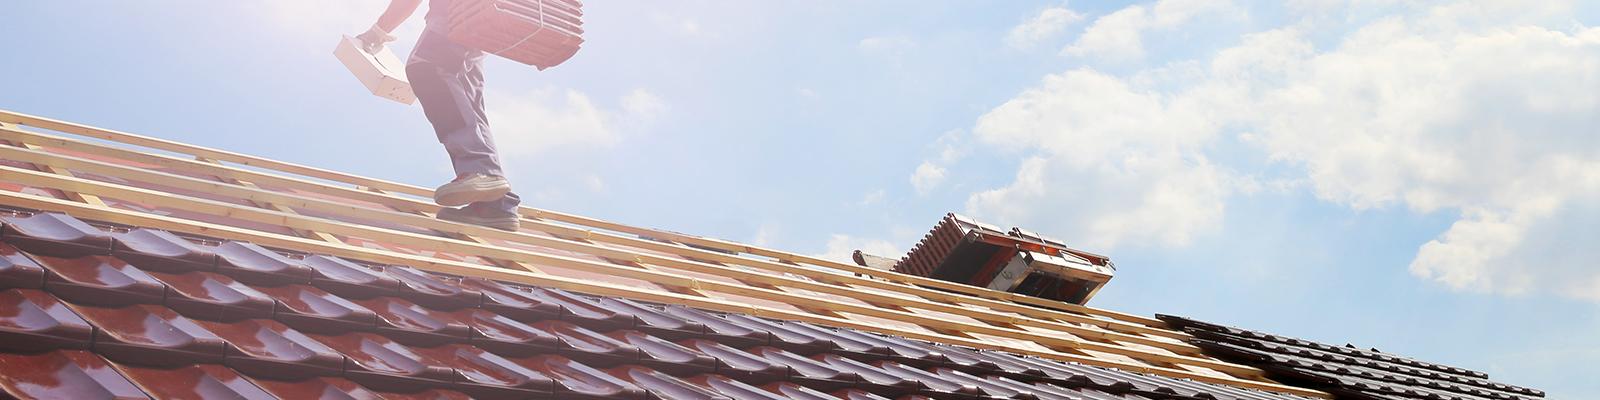 Artisan Couvreur Aubert : entretien et rénovation de toiture